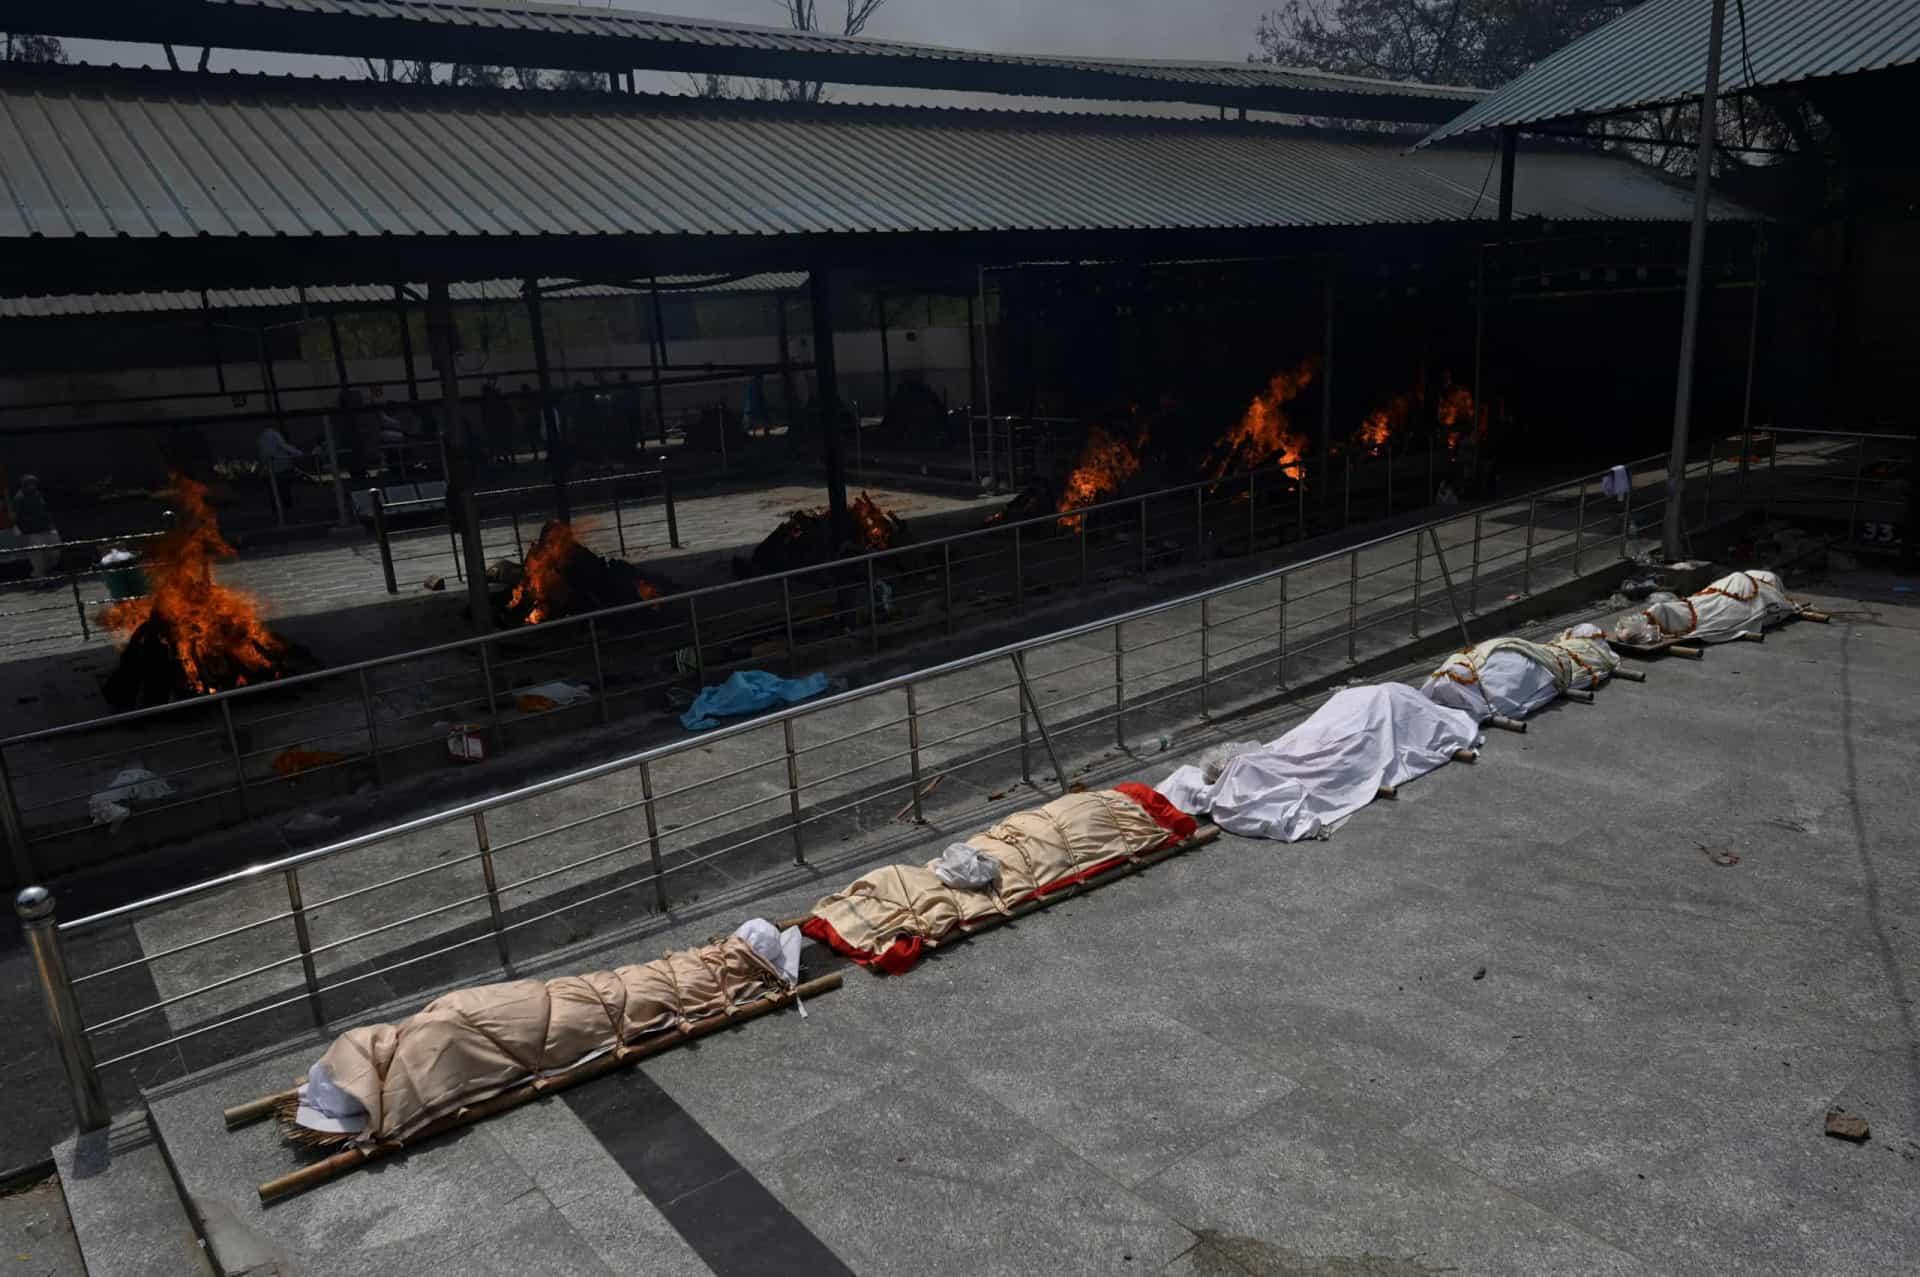 CREMADOS INDIA - Tragédia na Índia: pacientes morrem por falta de oxigênio e mortos são cremados ao ar livre - VEJA IMAGENS